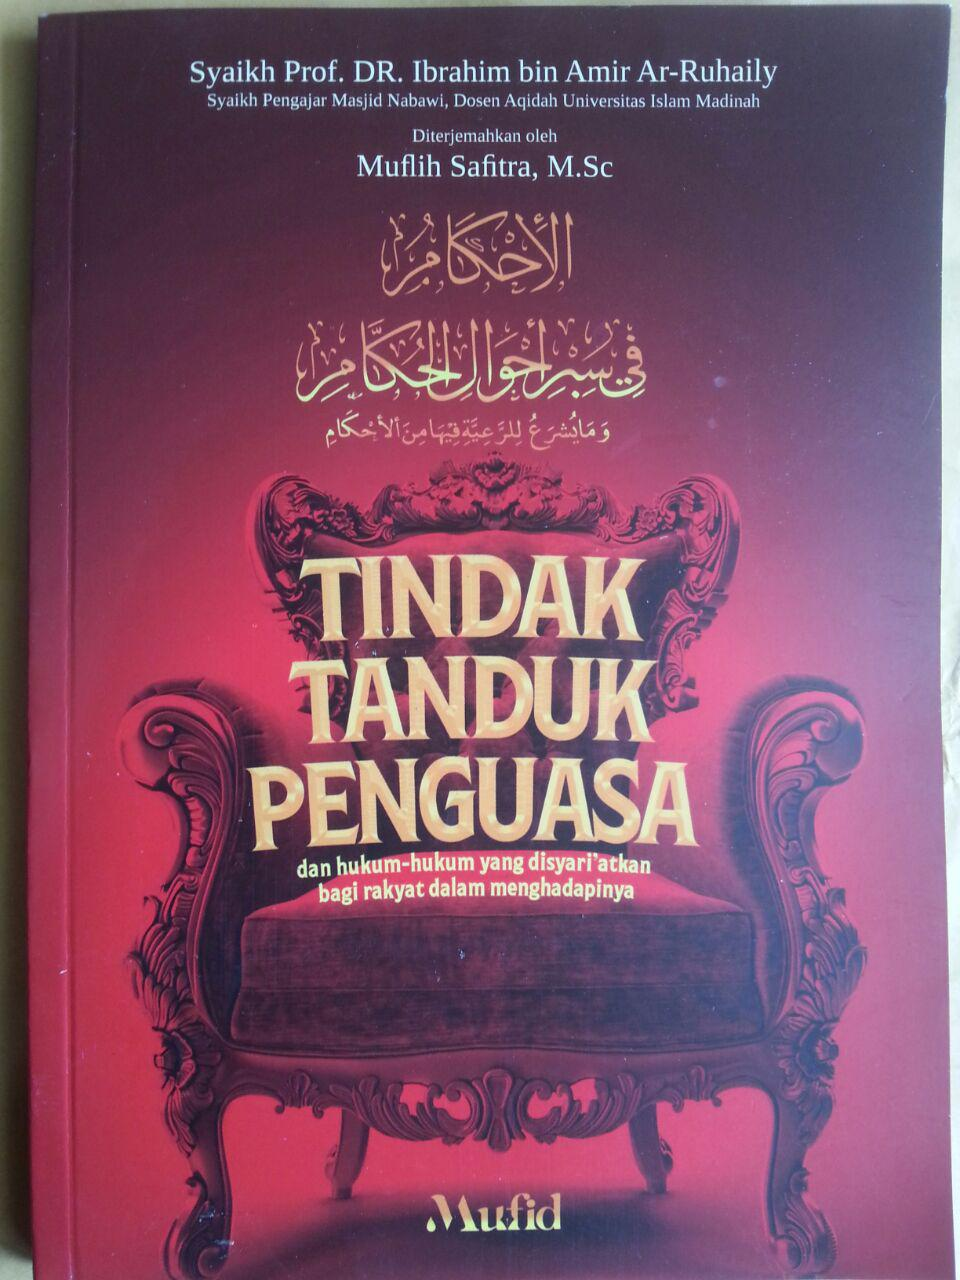 Buku Tindak Tanduk Penguasa Dan Hukum Syariat Rakyat Menghadapinya cover 2